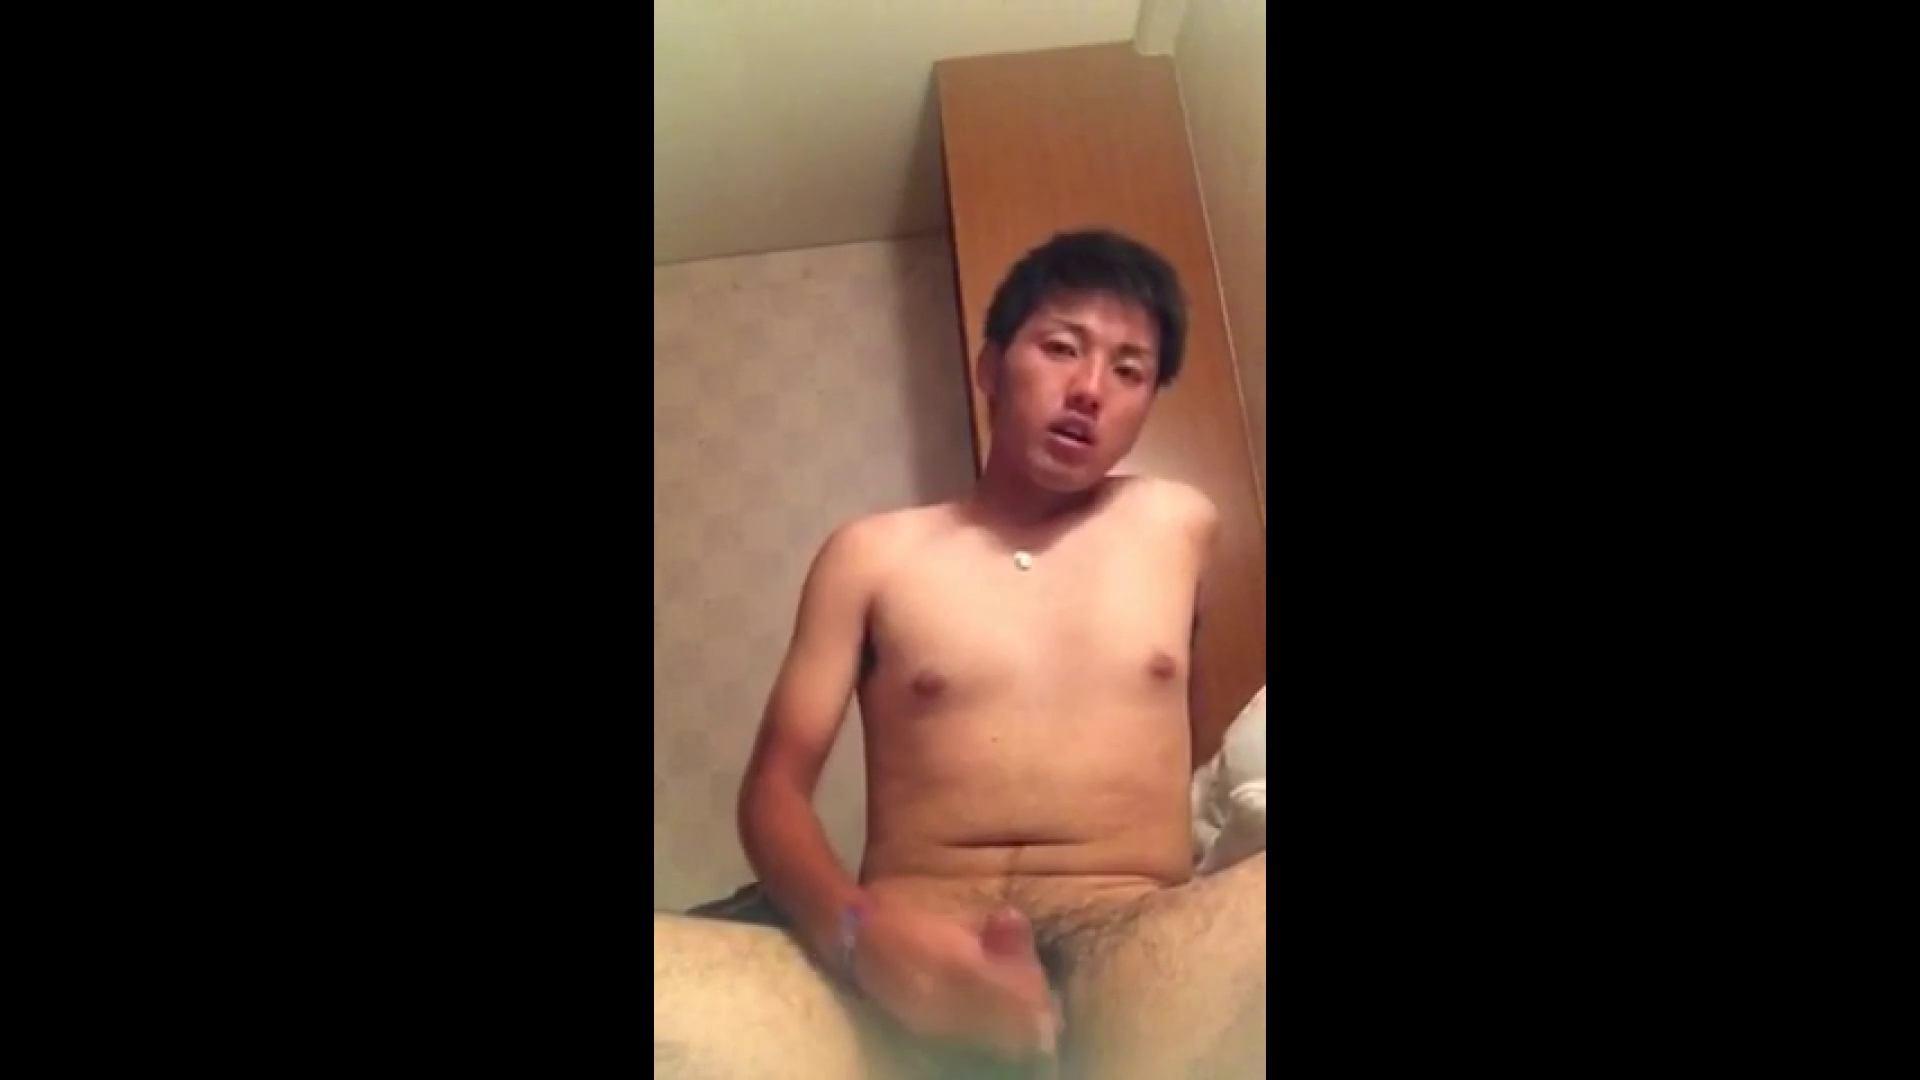 キター!ノンケちゃんオナニー特集vol.29 オナニー ゲイモロ画像 75pic 46